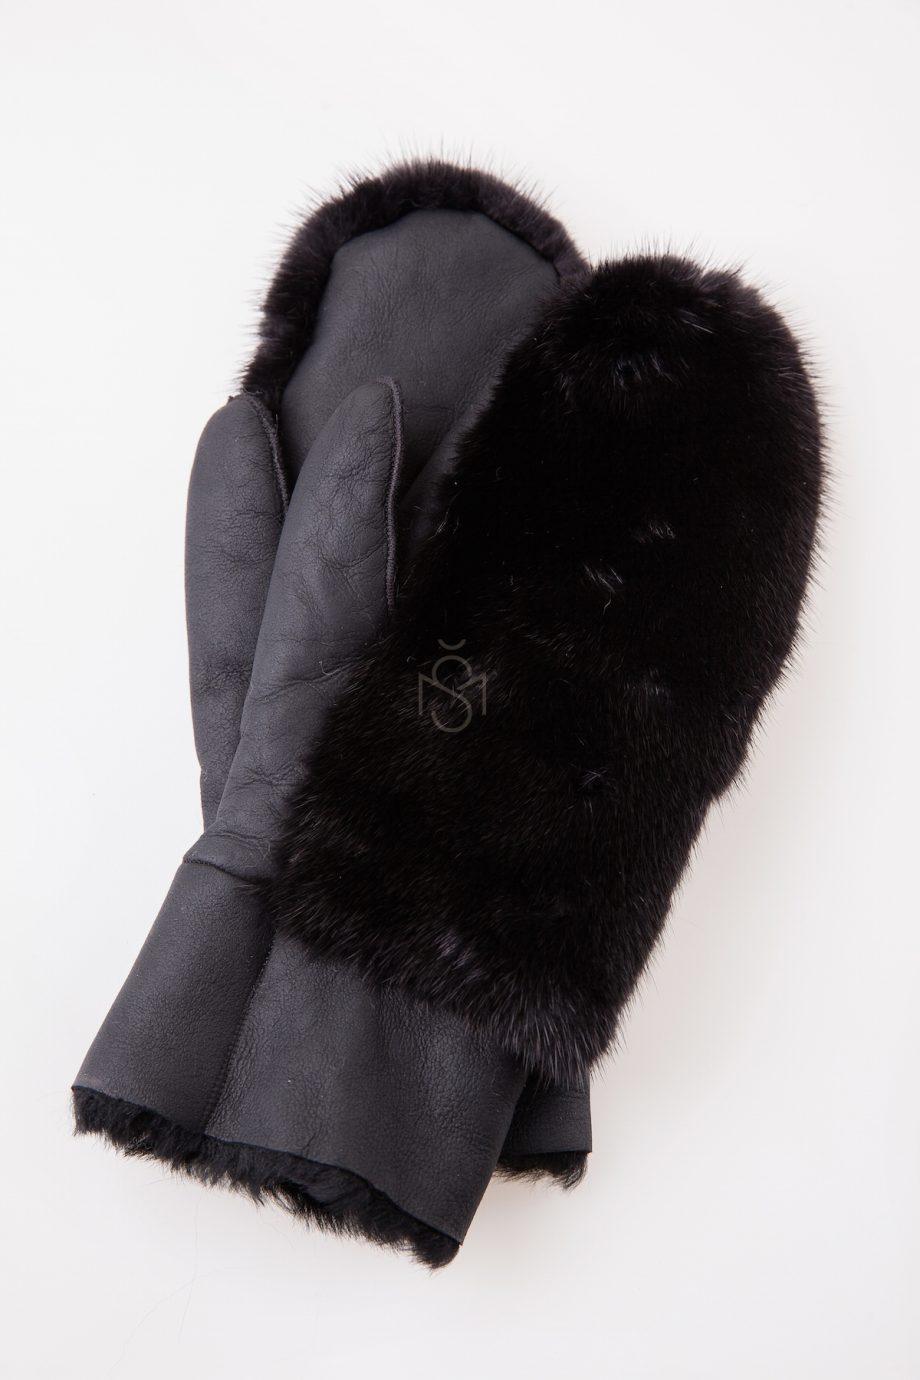 Sheepskin mittens with mink fur black made by Silta Mada fur studio in Villnius